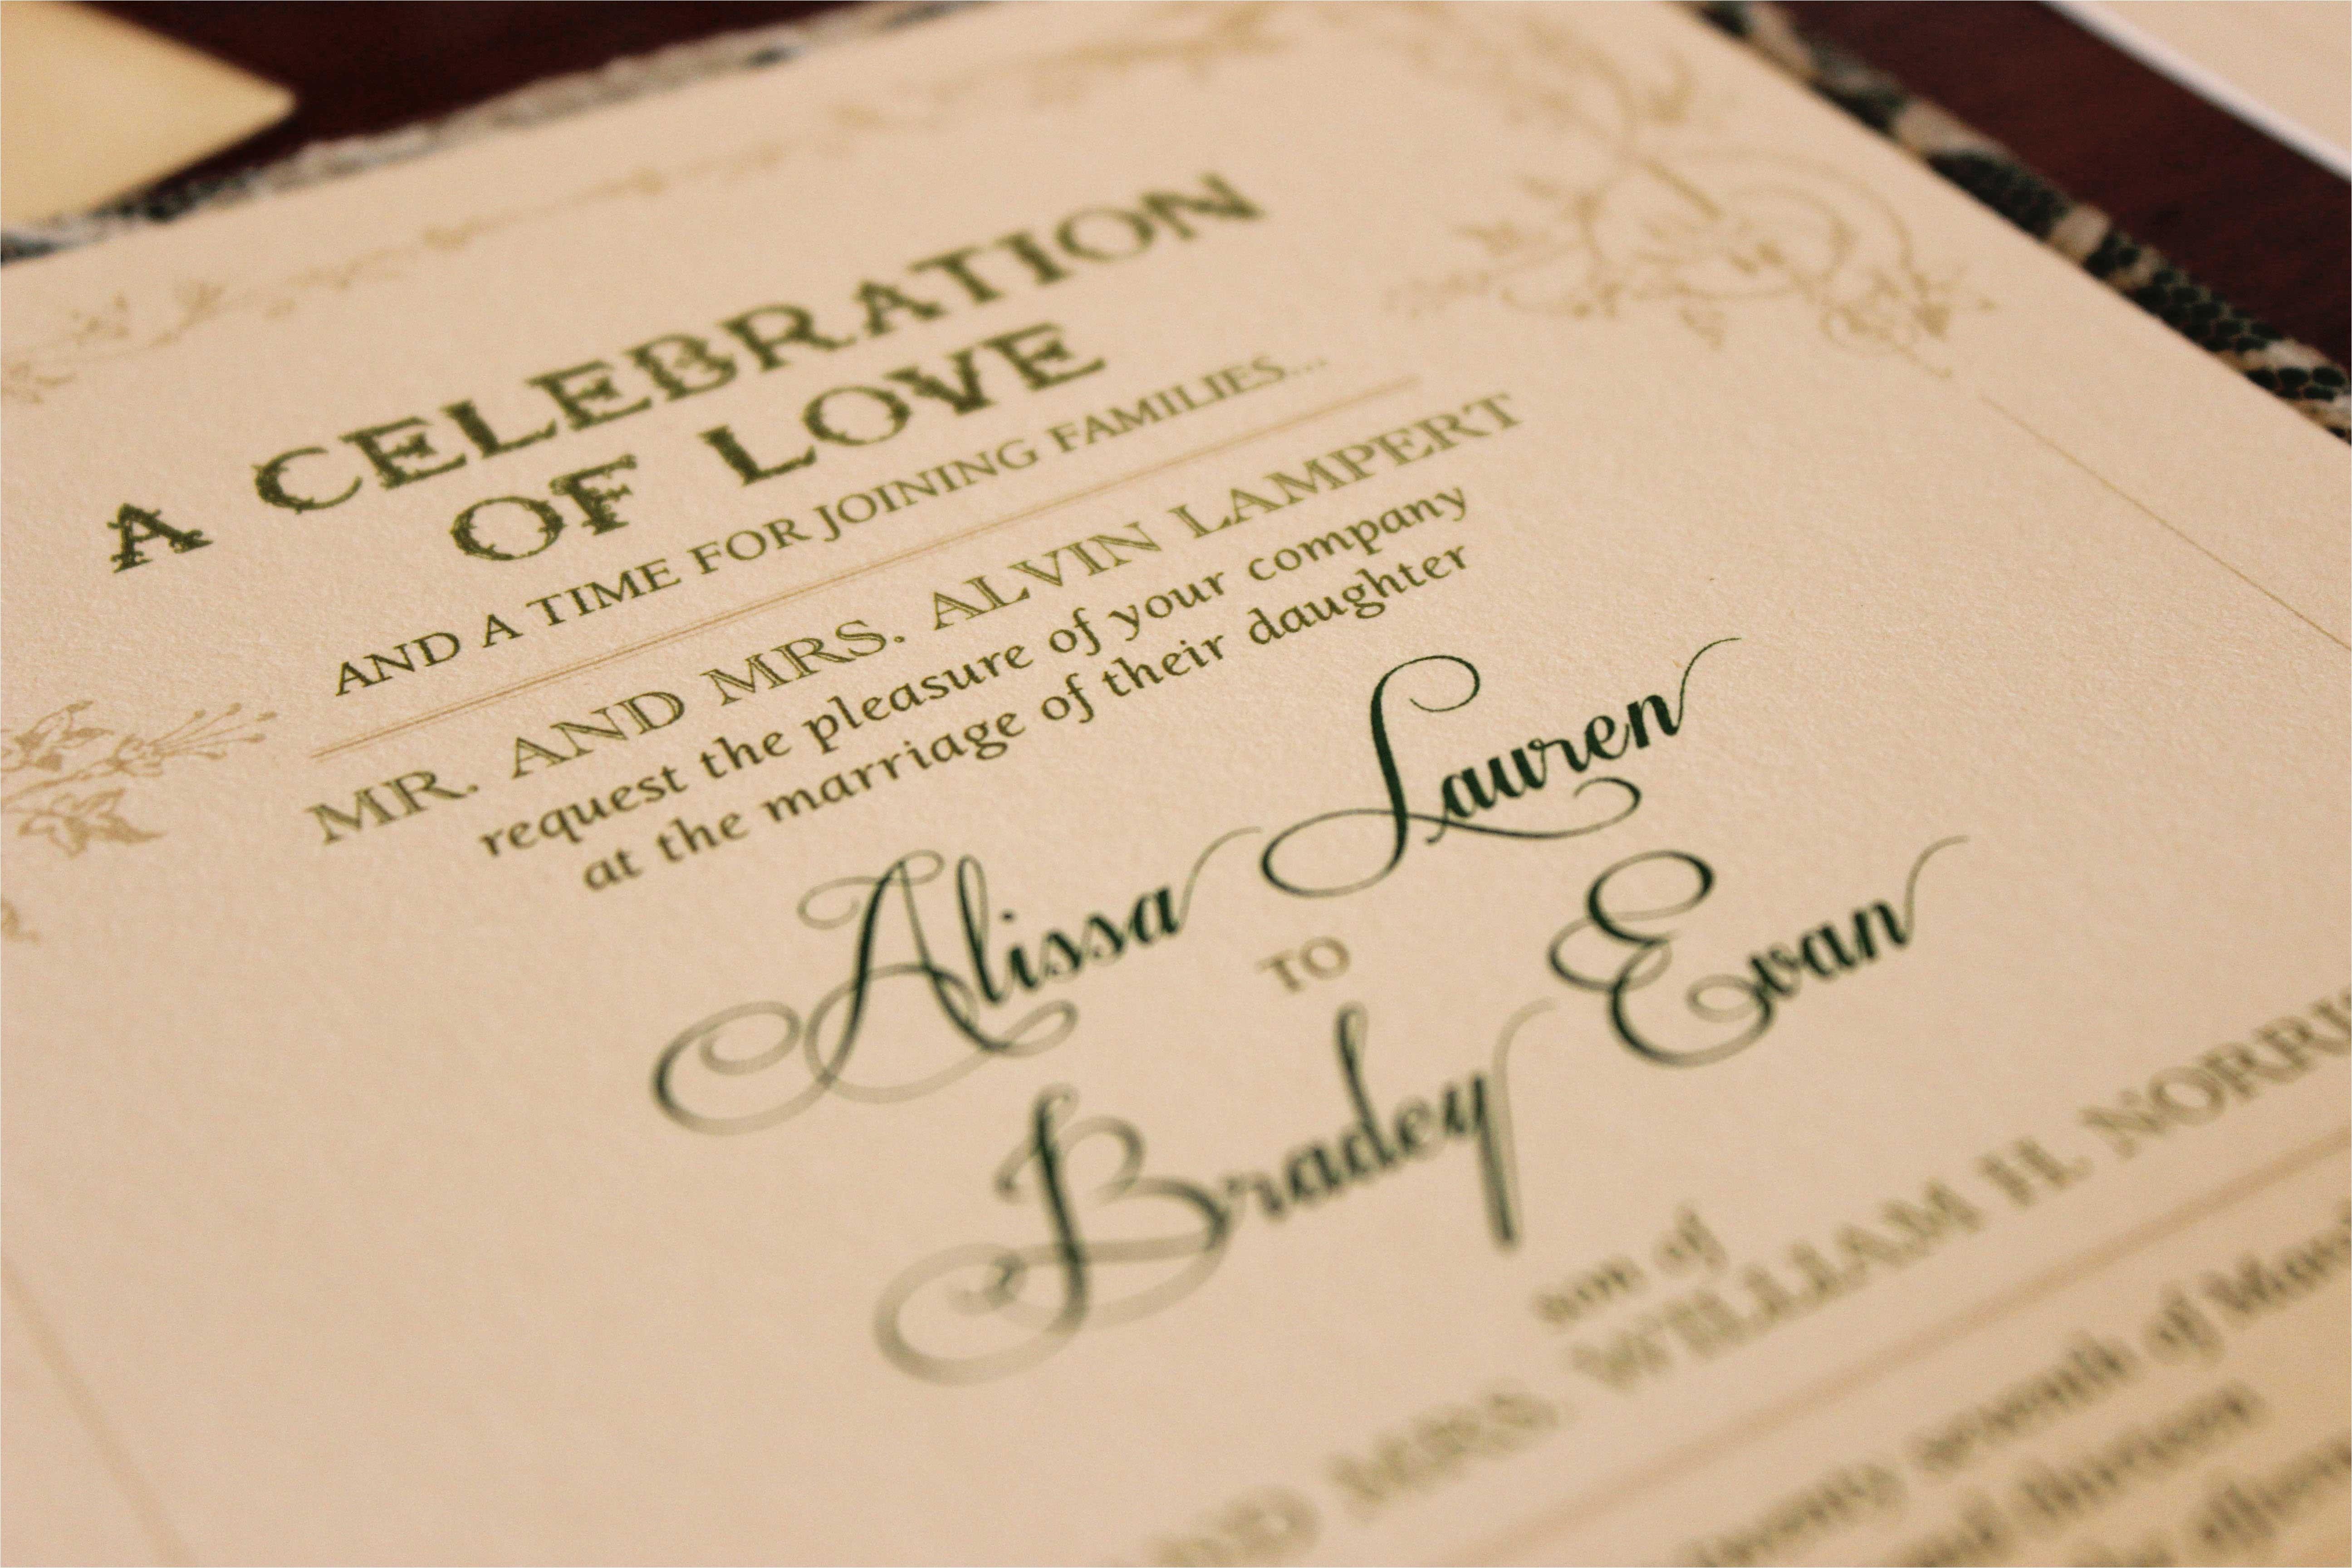 Parents Names On Wedding Invitation Etiquette Wedding Invitation Etiquette Special Wording